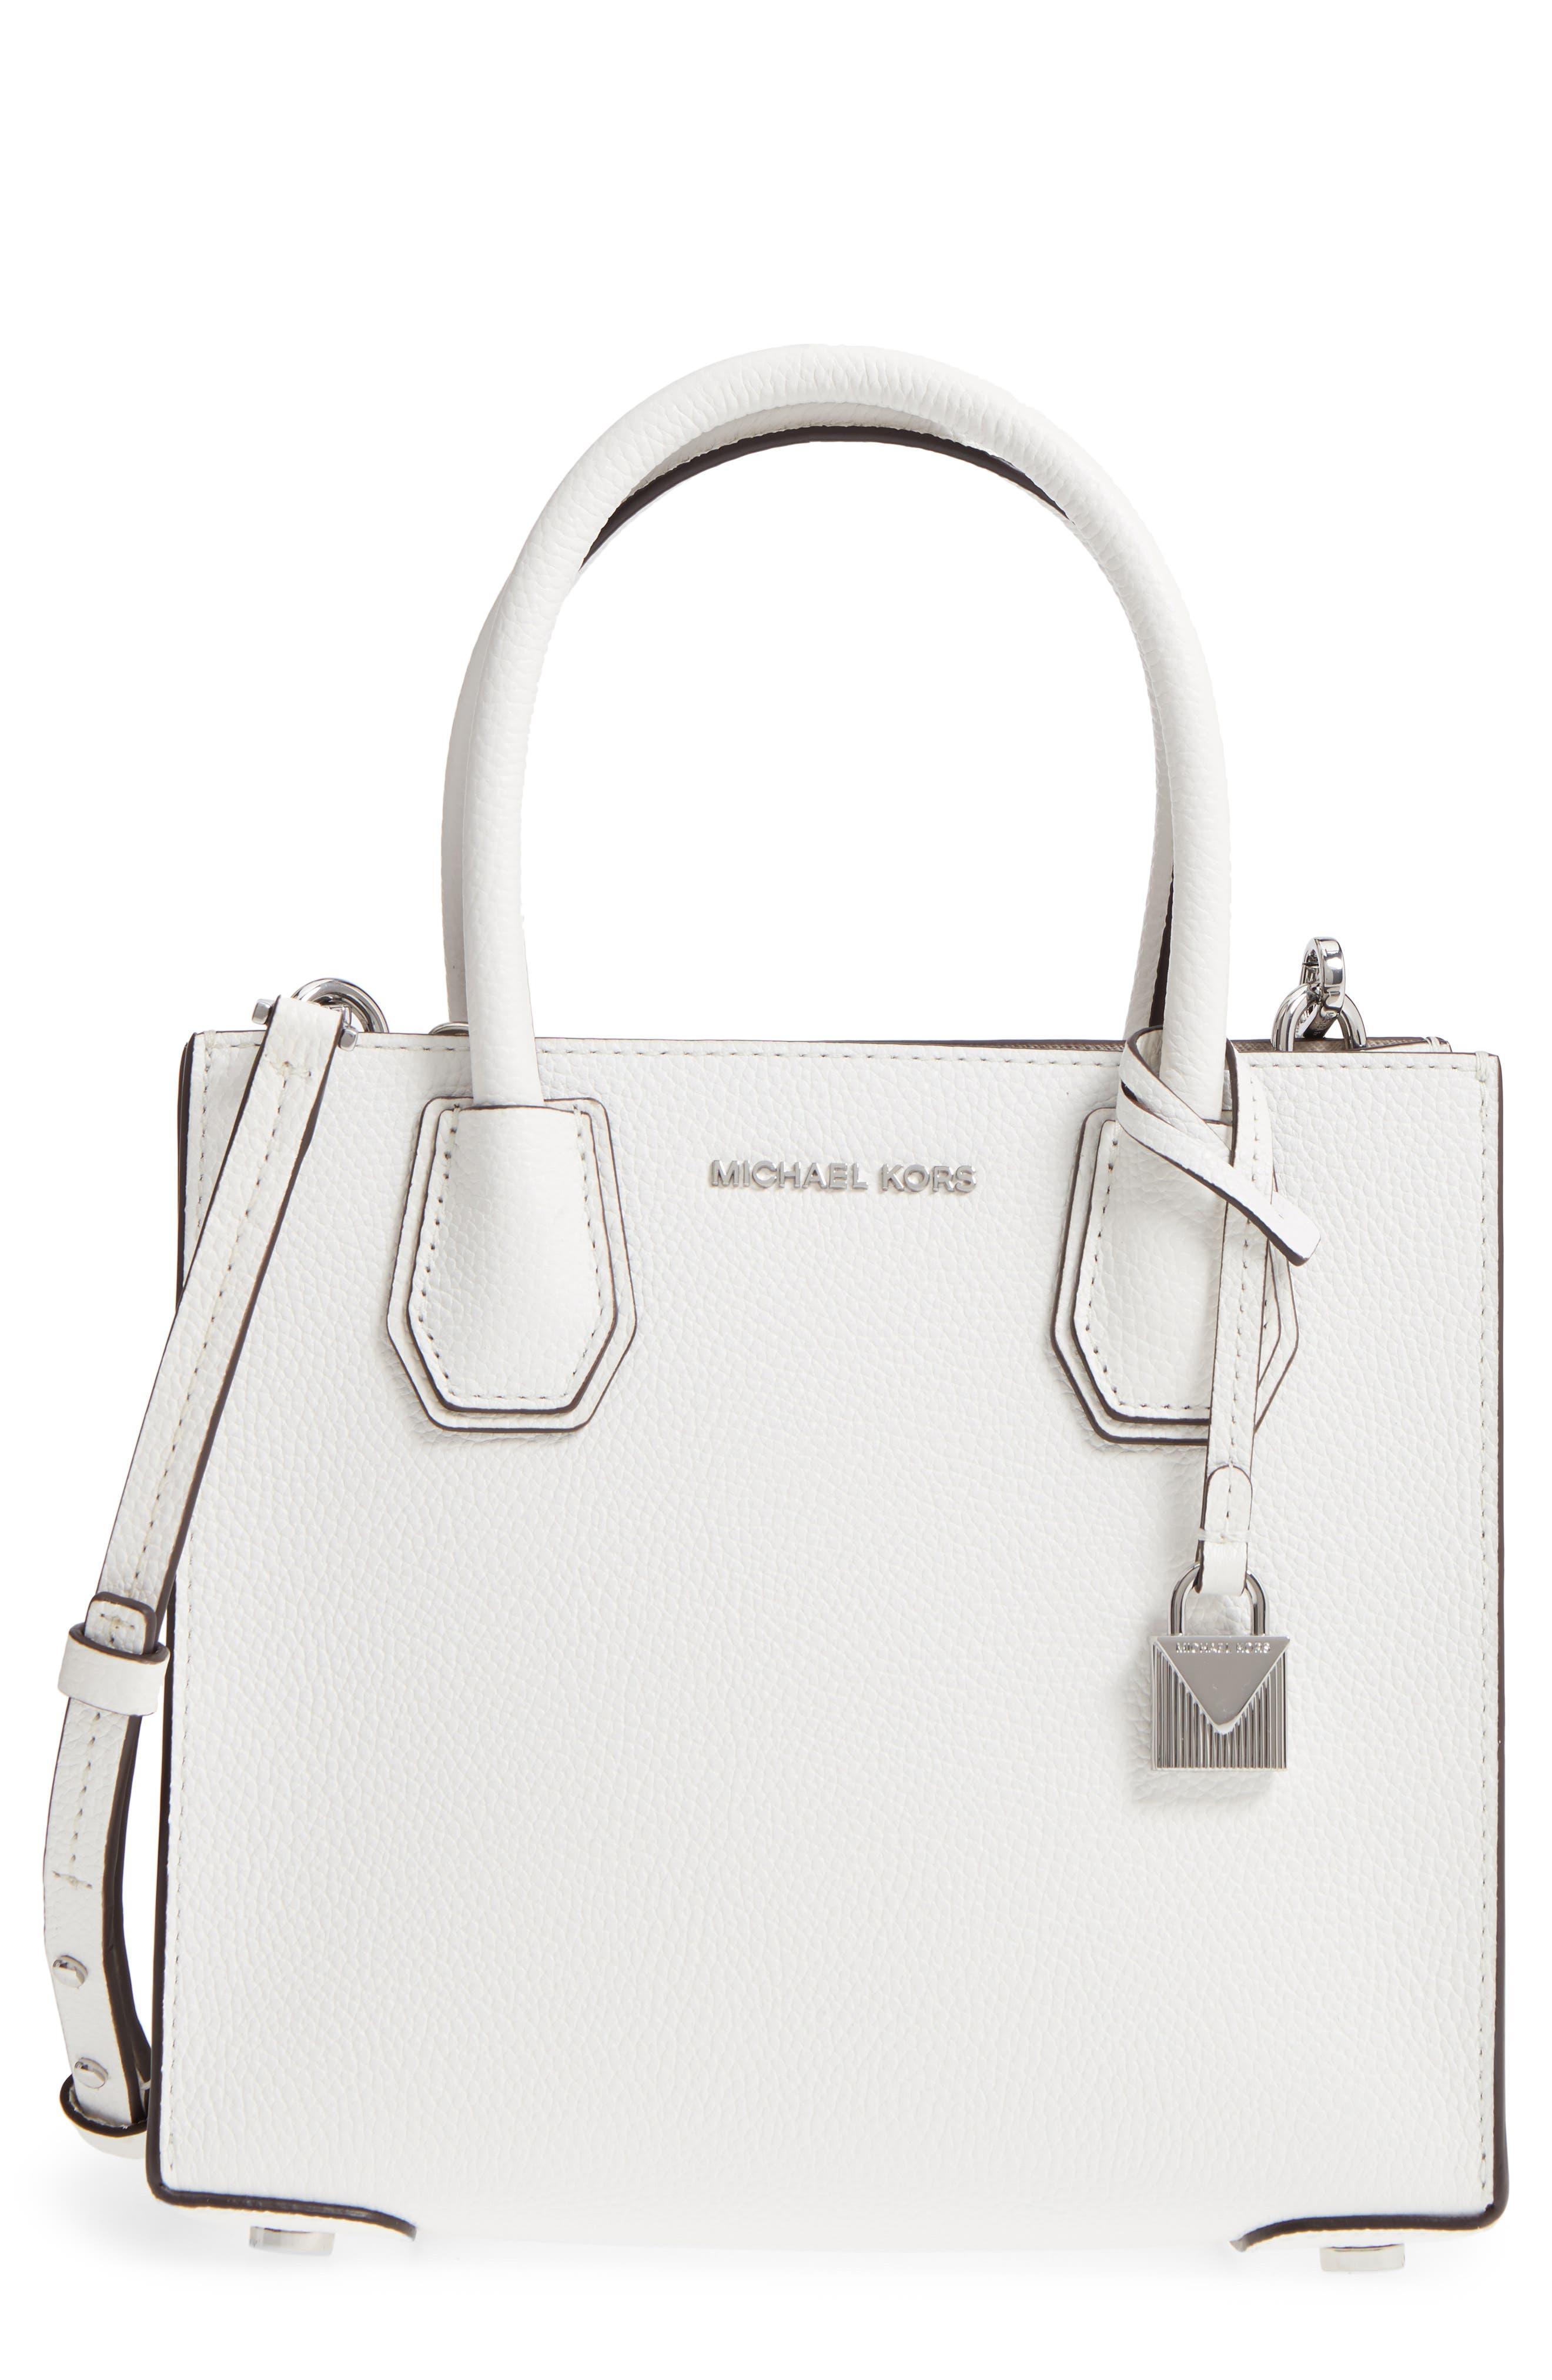 Mercer Leather Crossbody Bag,                         Main,                         color, WHITE